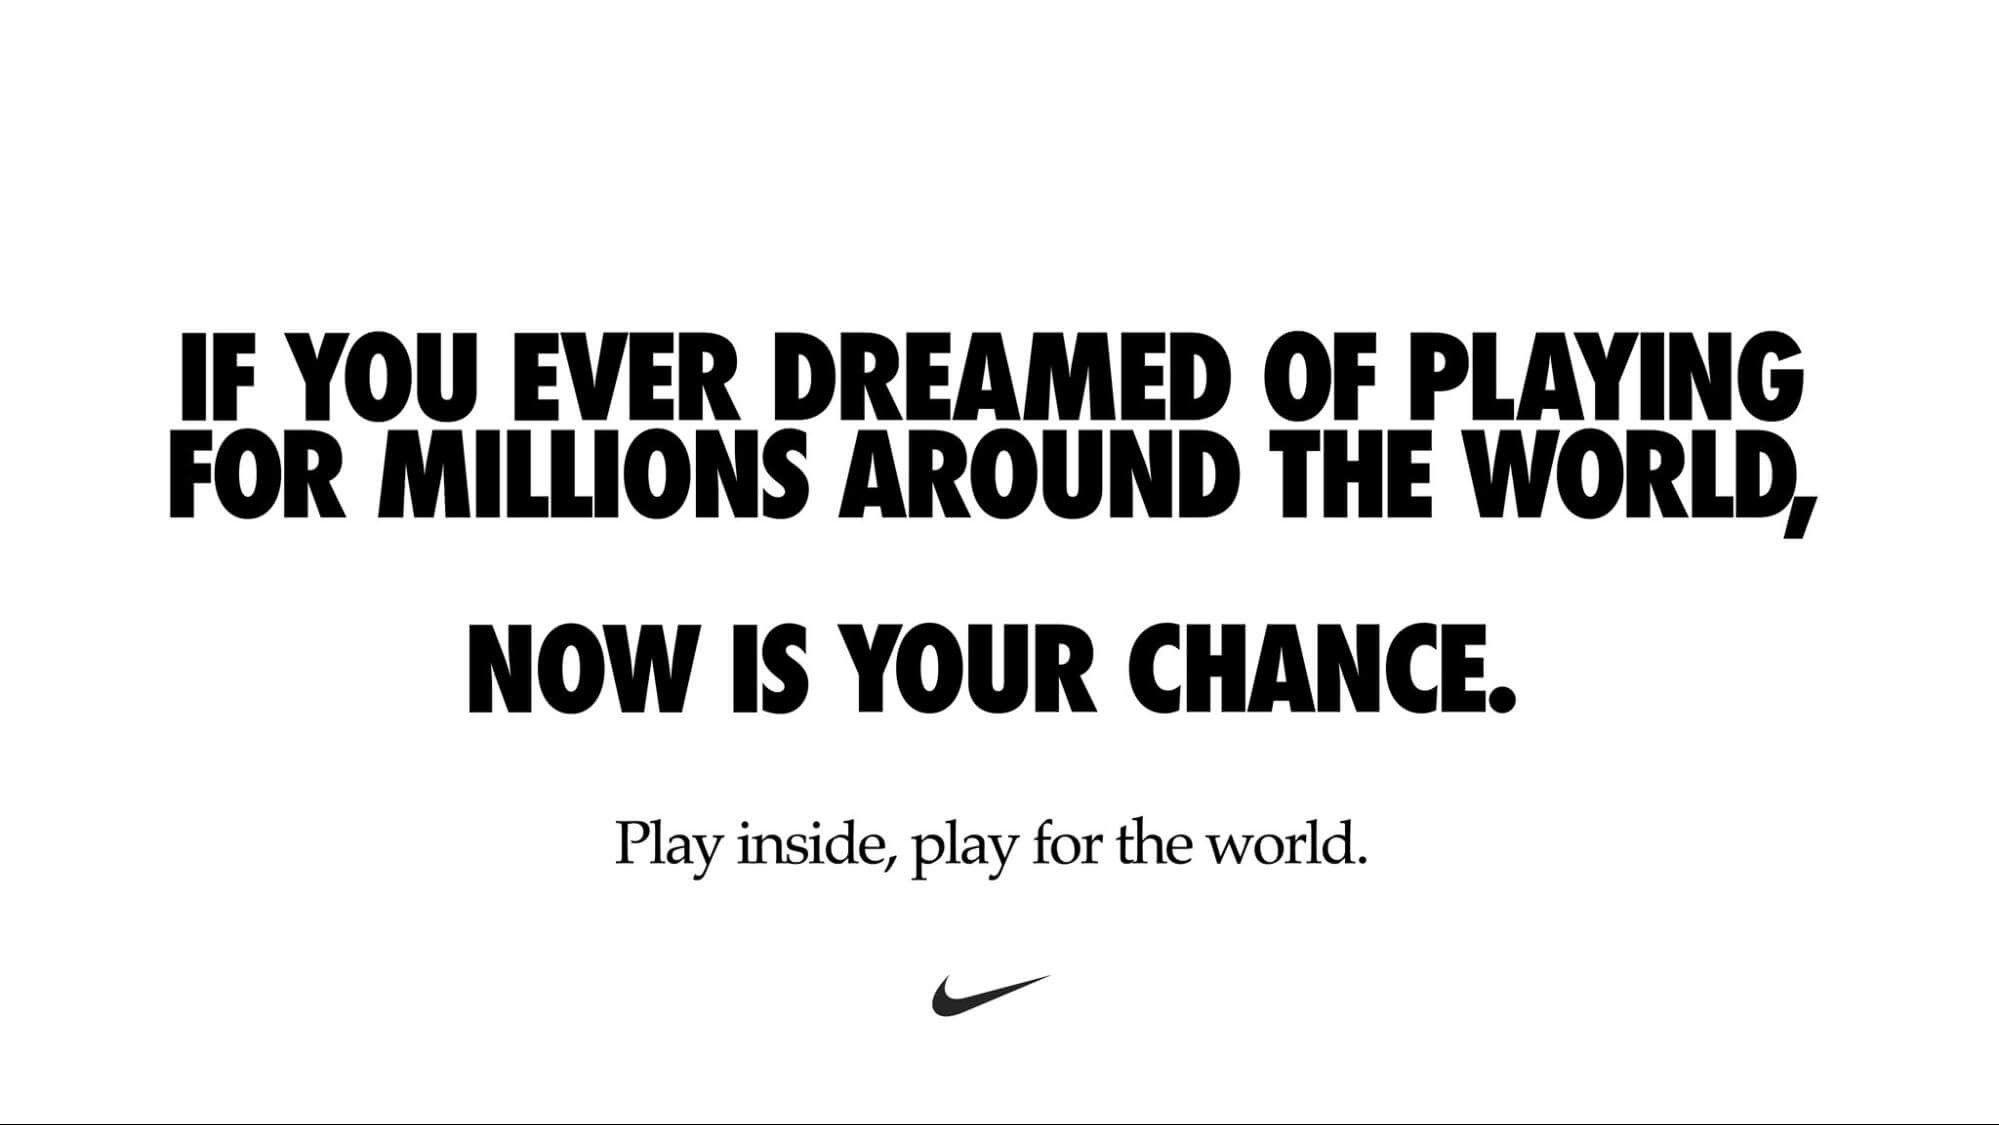 Nike #playforthworld